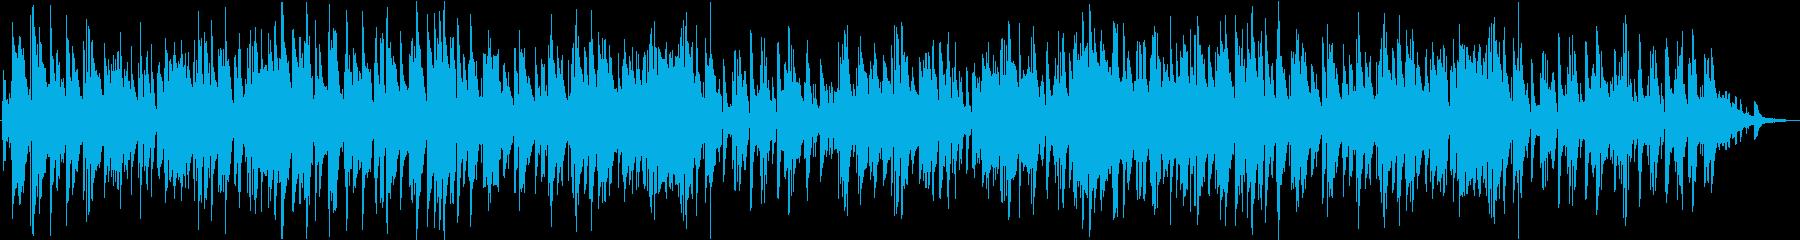 バーをイメージしたジャズ/ピアノトリオの再生済みの波形